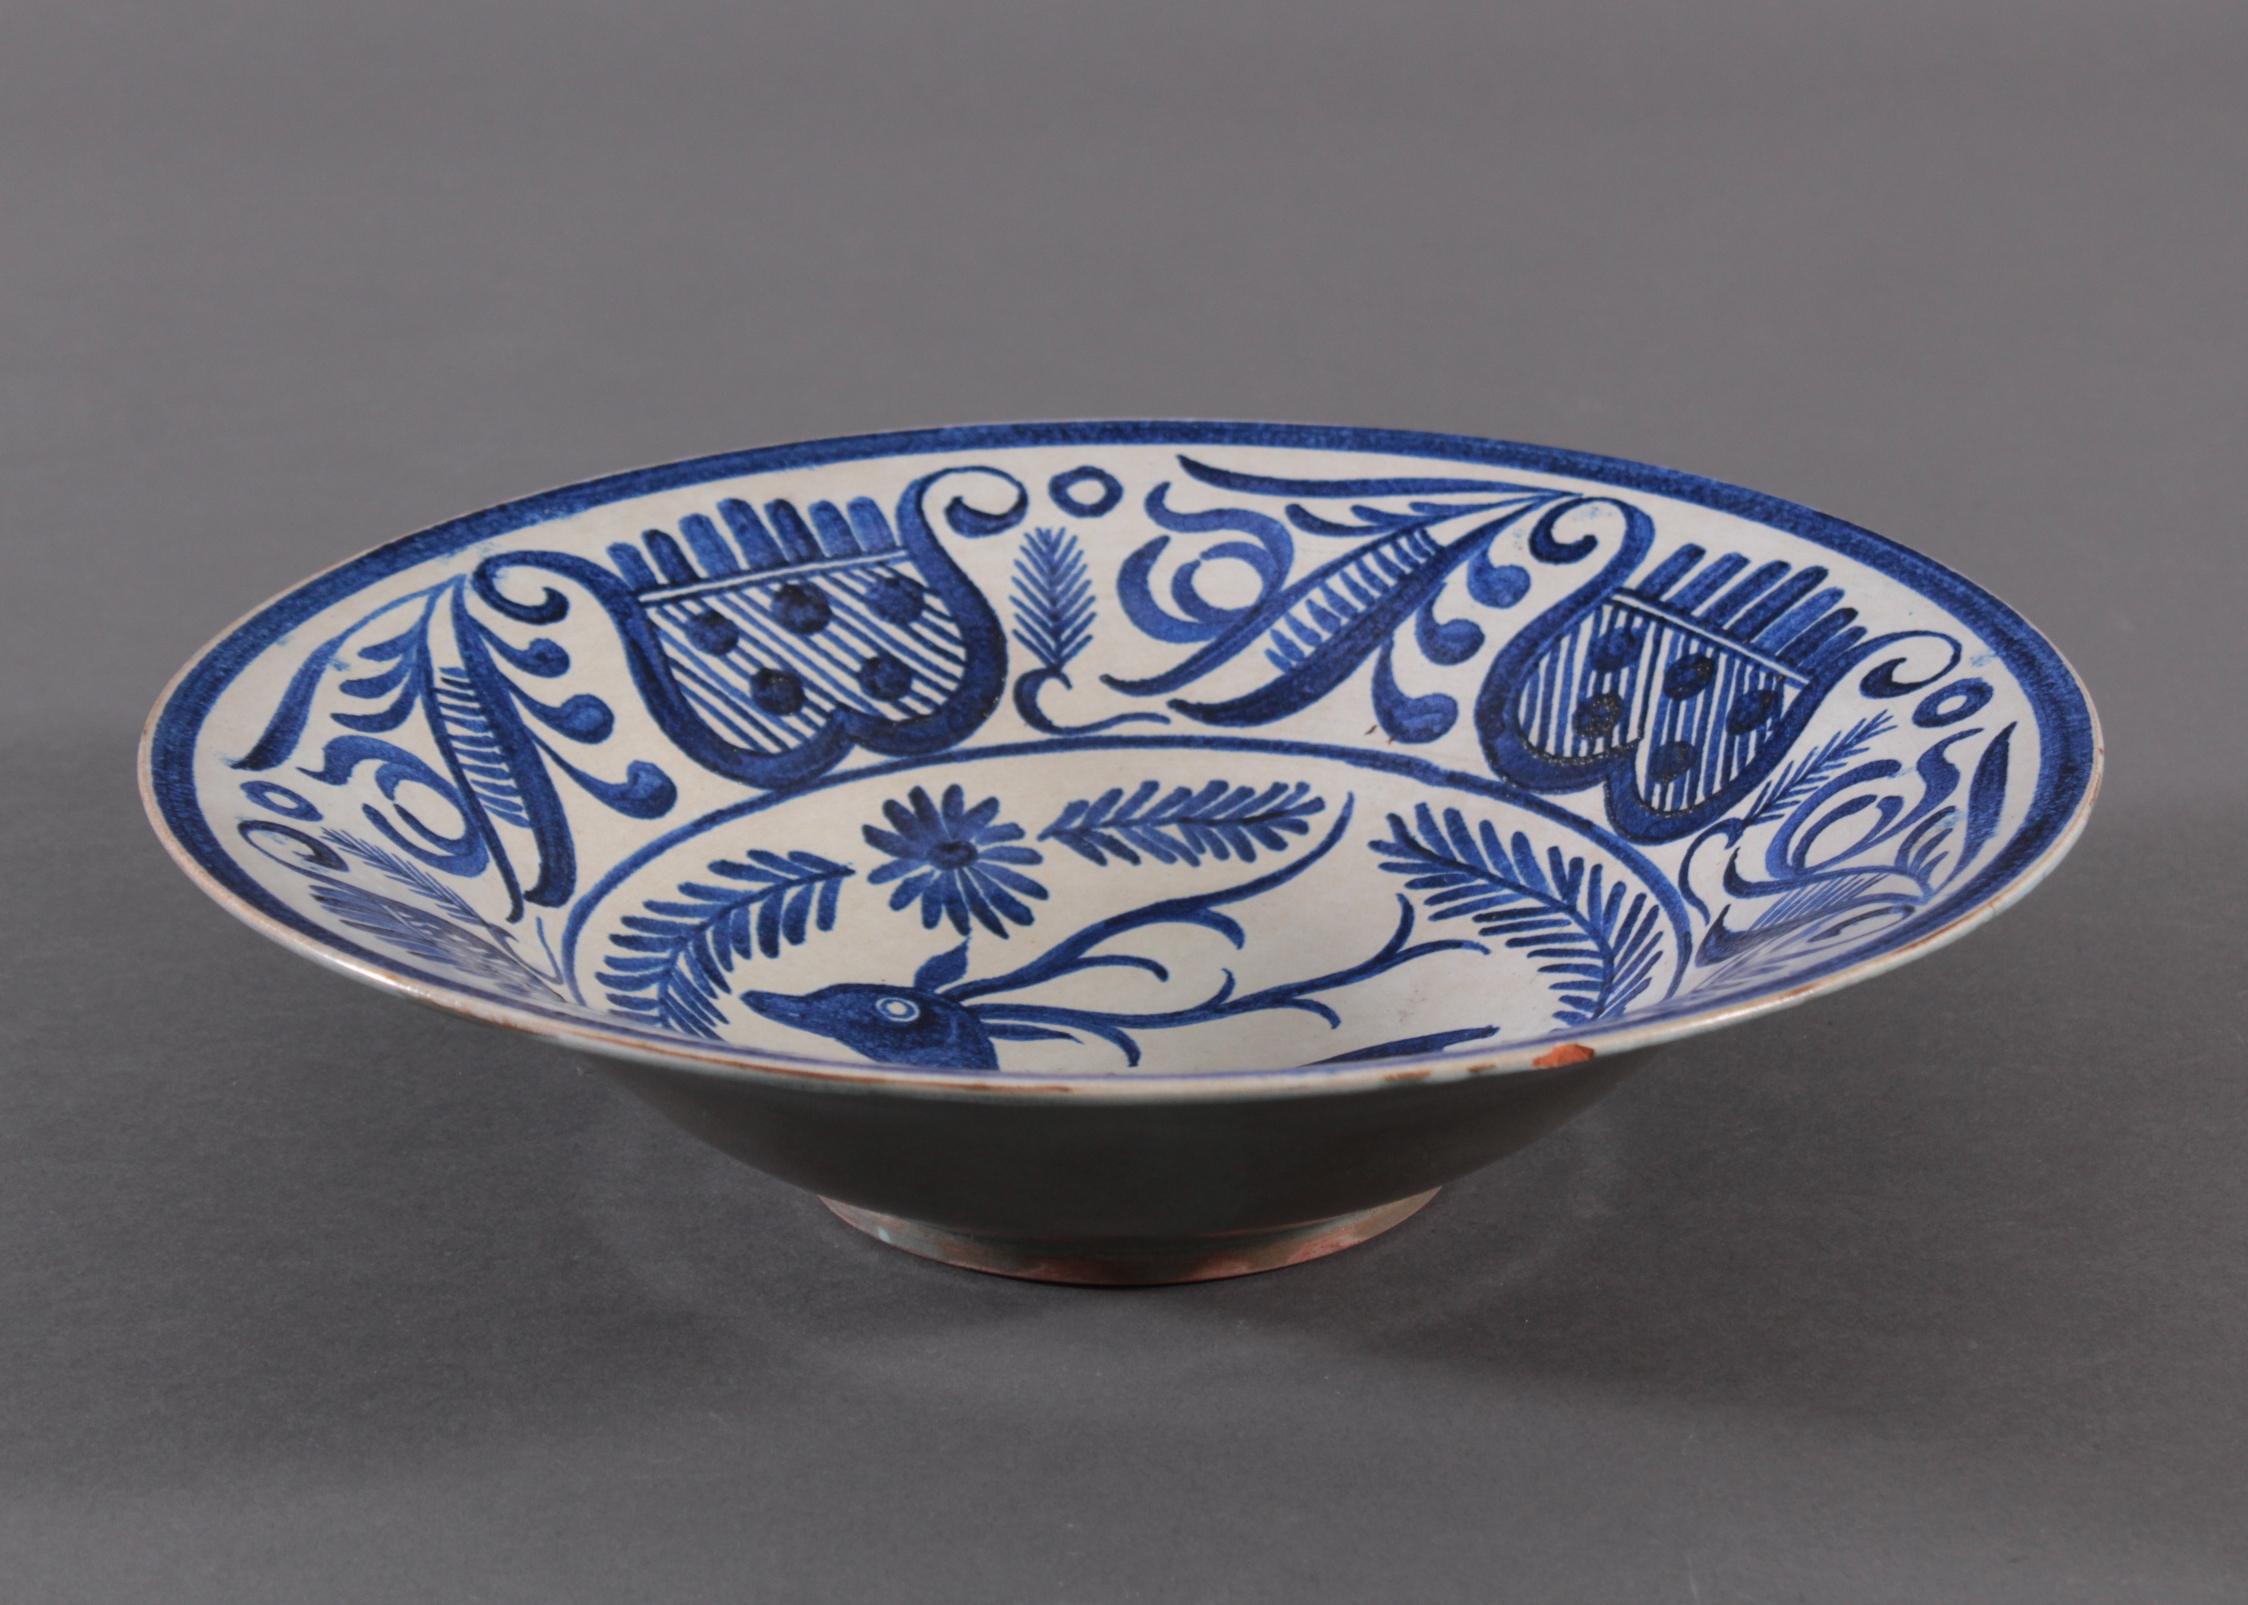 Benno Geiger (Engelberg 1903 – 1979 Bern), Keramikschale-2